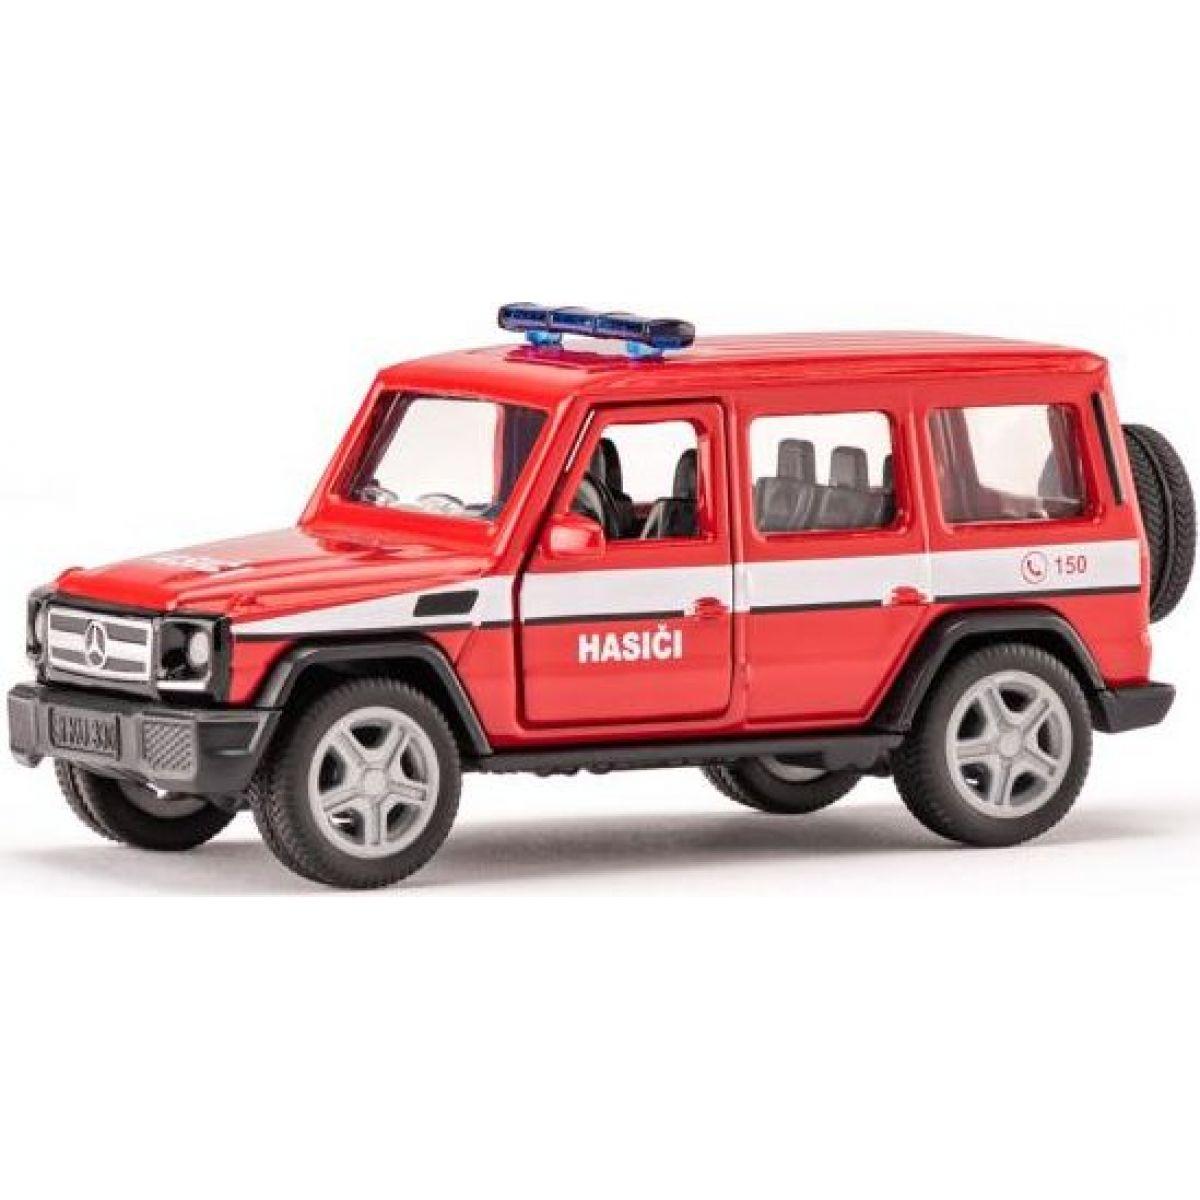 Siku super česká verzia hasiči Mercedes AMG G65